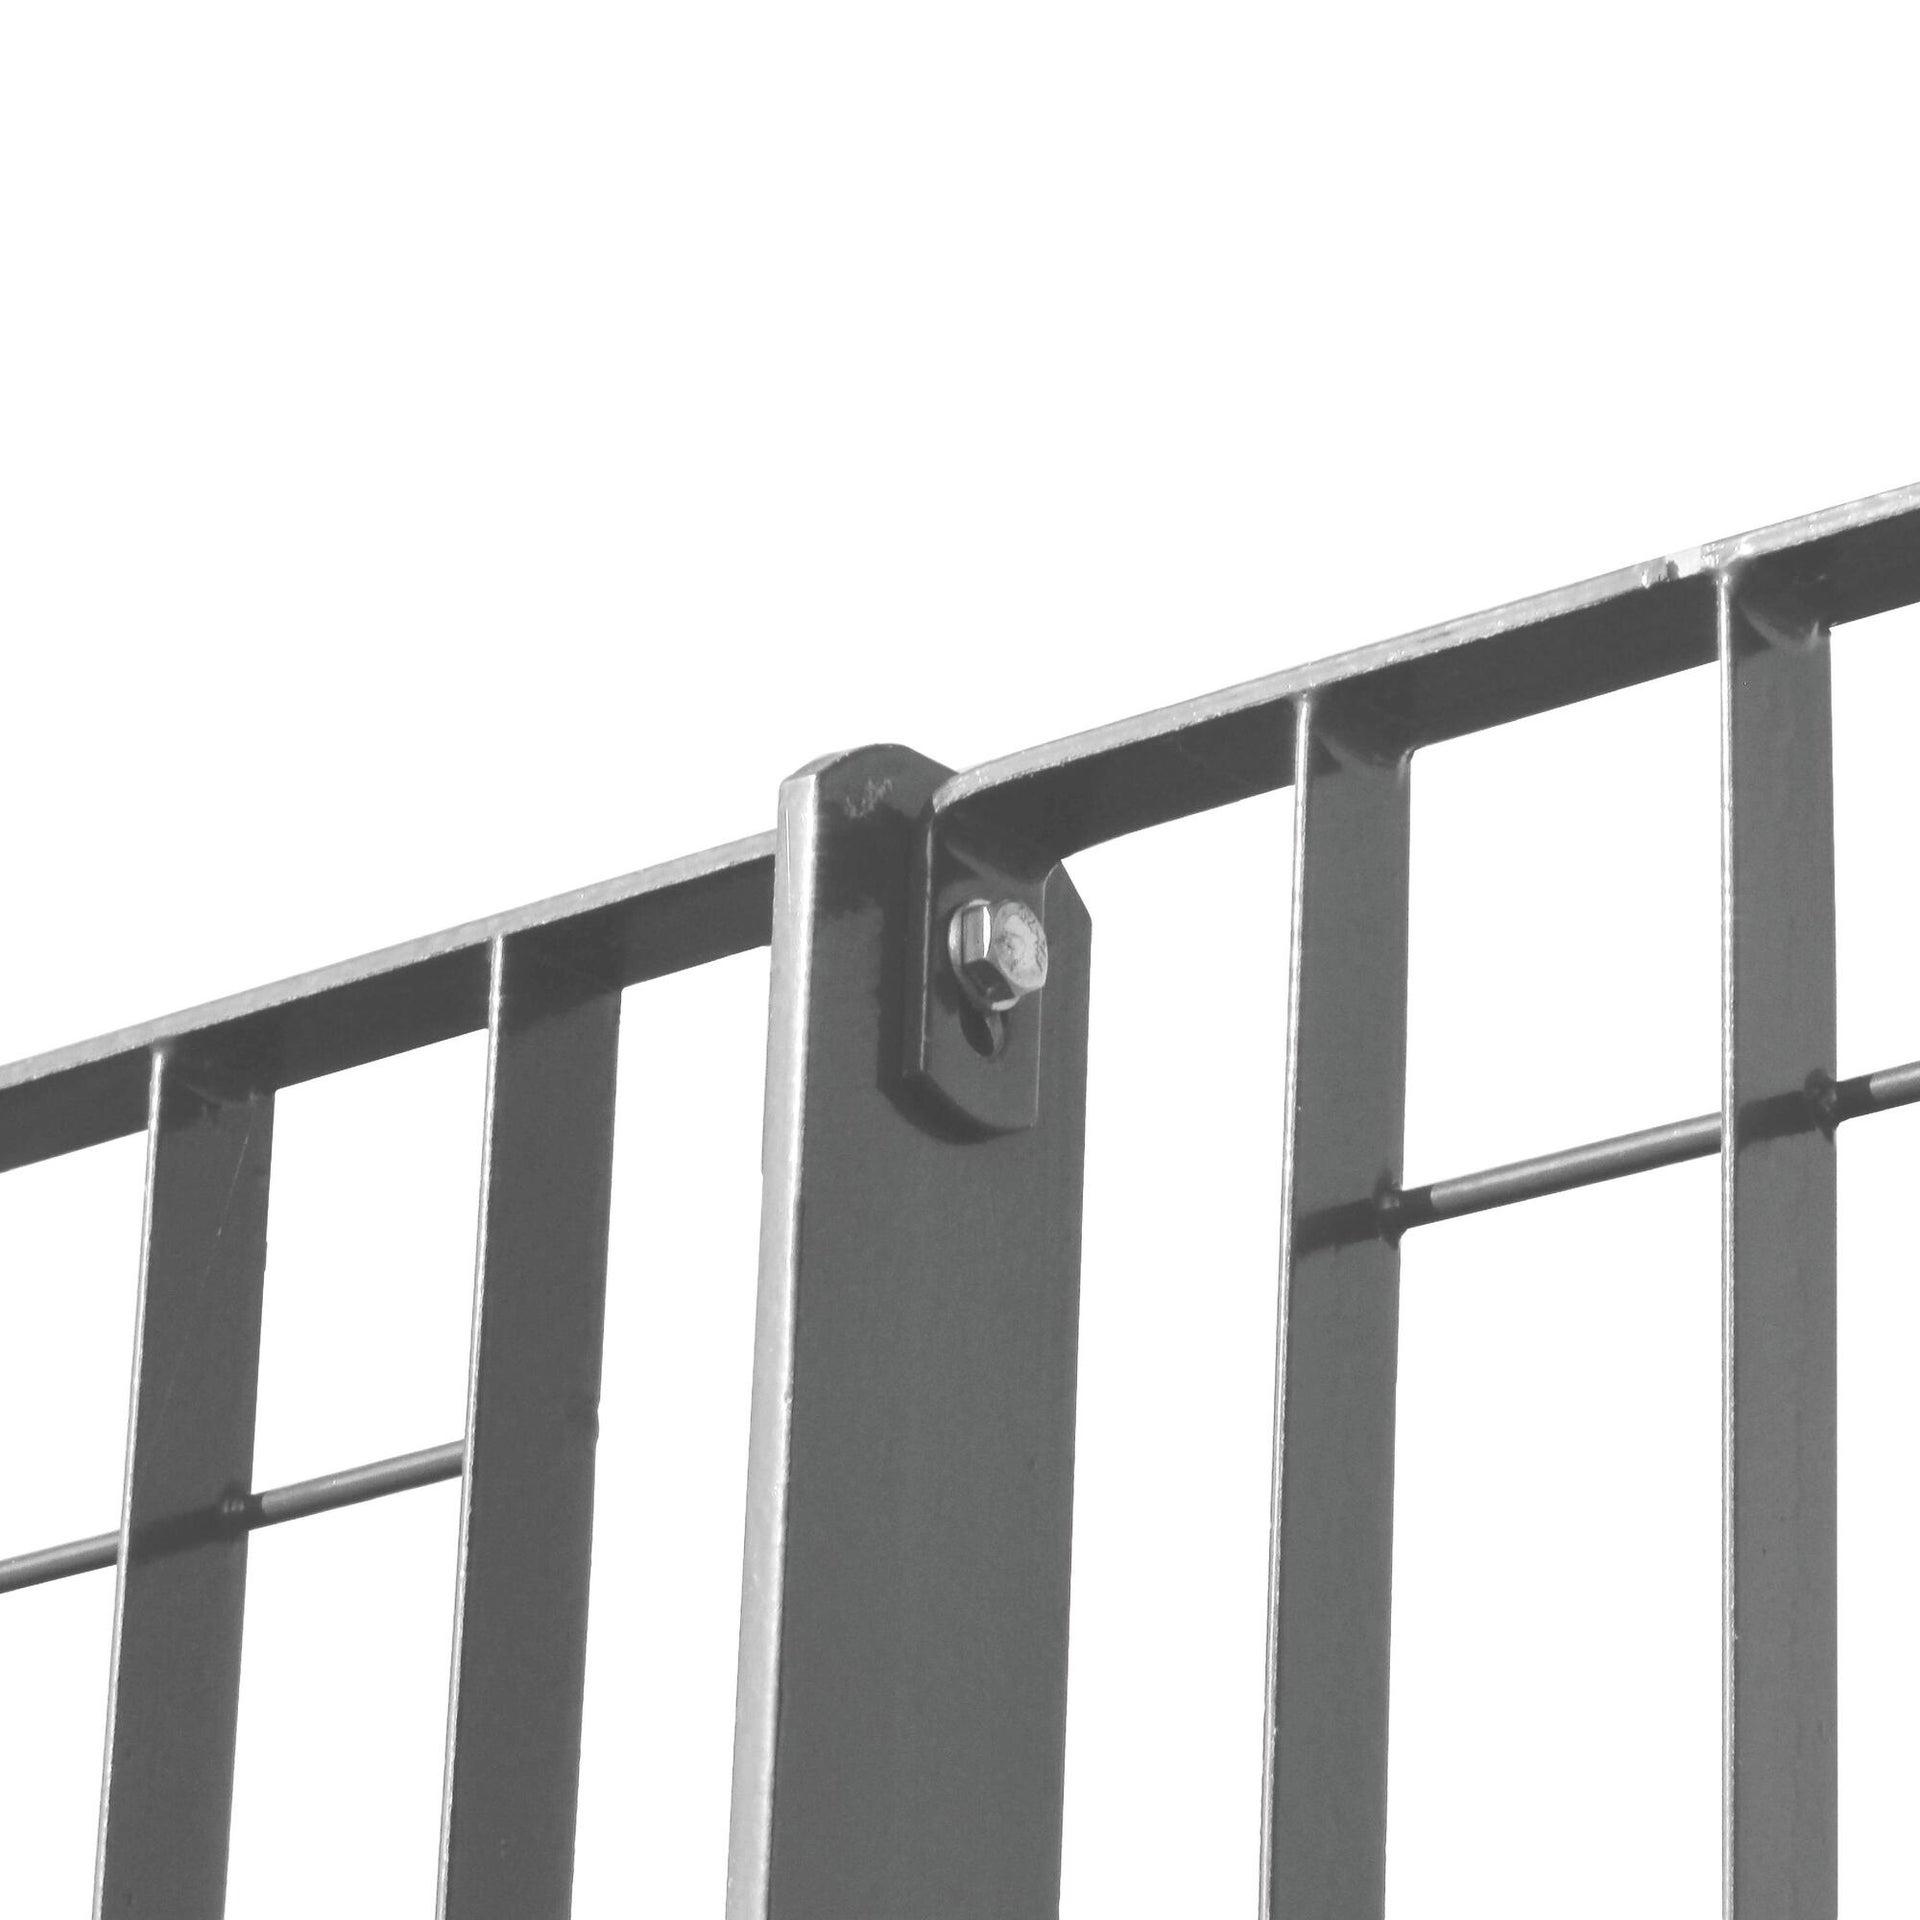 Recinzione grigliato orsogrill in acciaio L 200 x H 146 x P 2.5 cm - 1